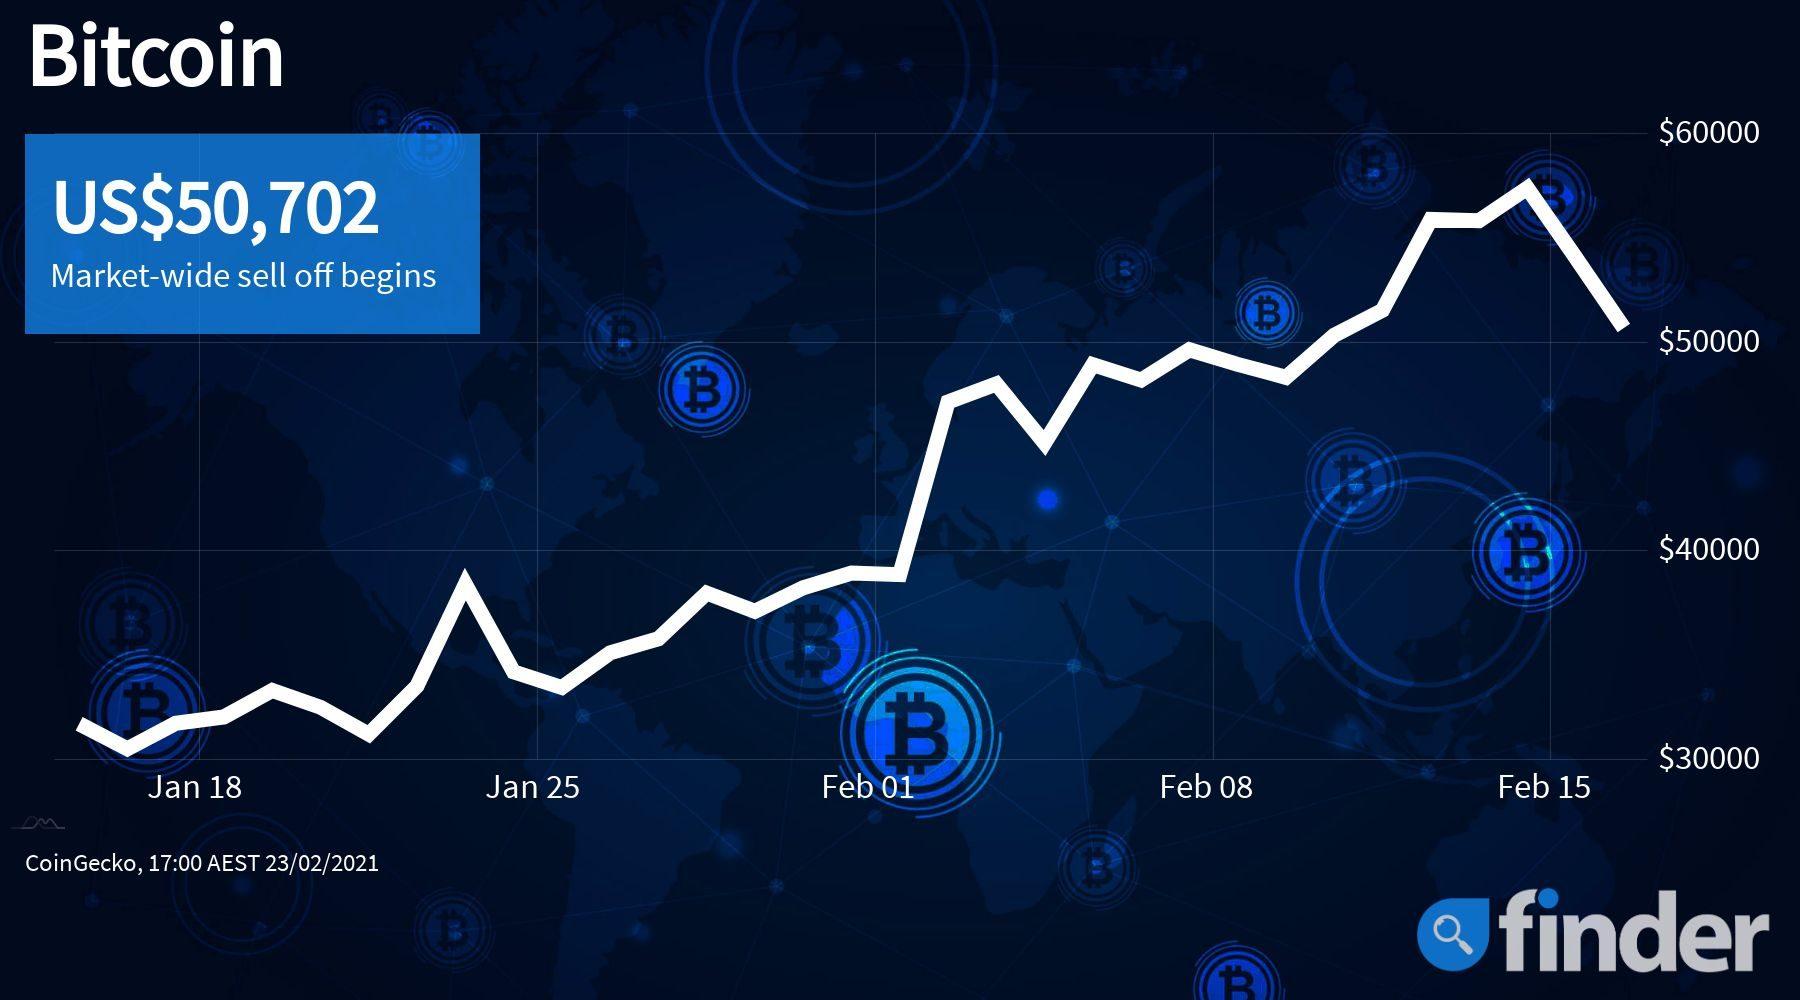 bitcoinprice23feb_1800x1000_finder